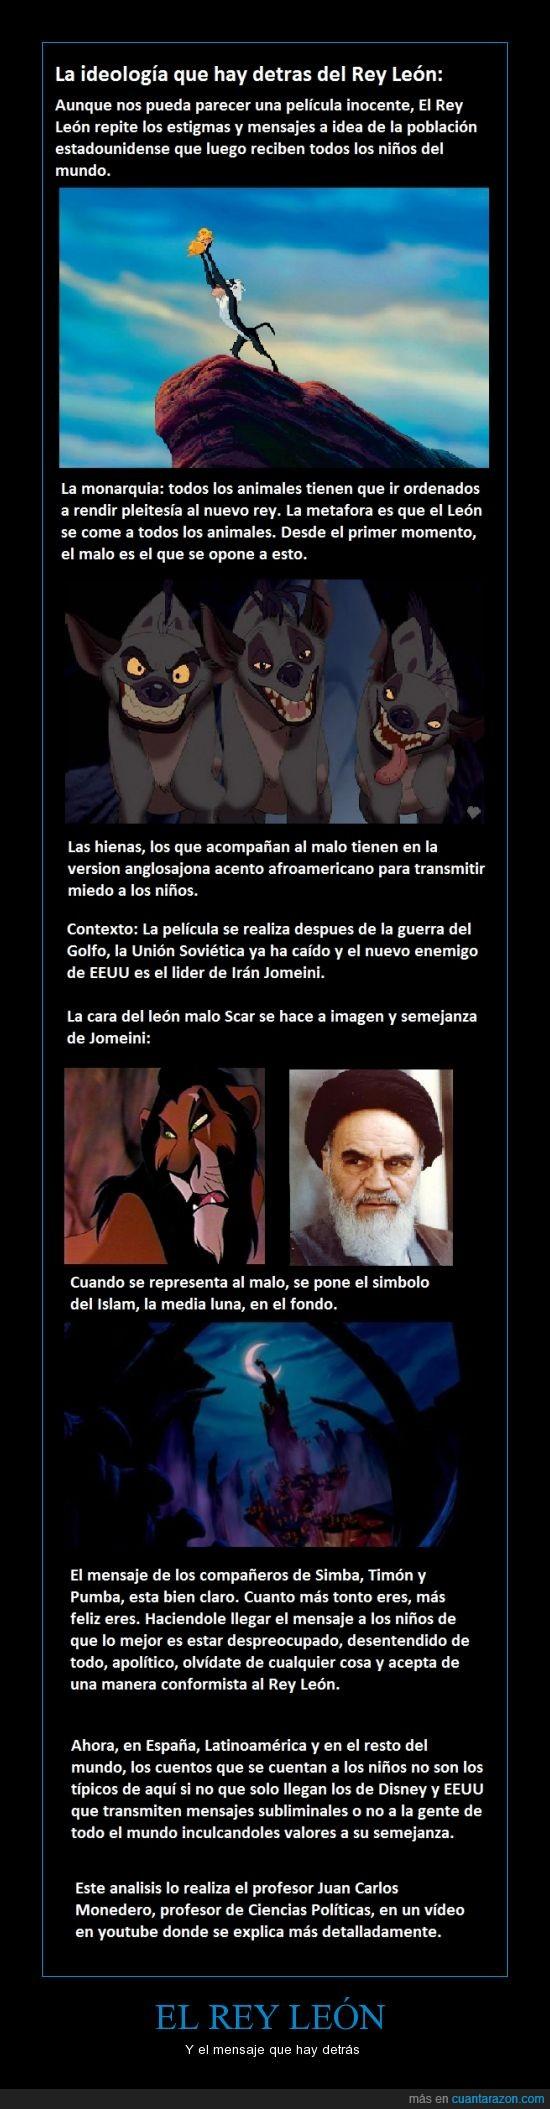 análisis,carlos,imperialismo,juan,monedero,rey. león